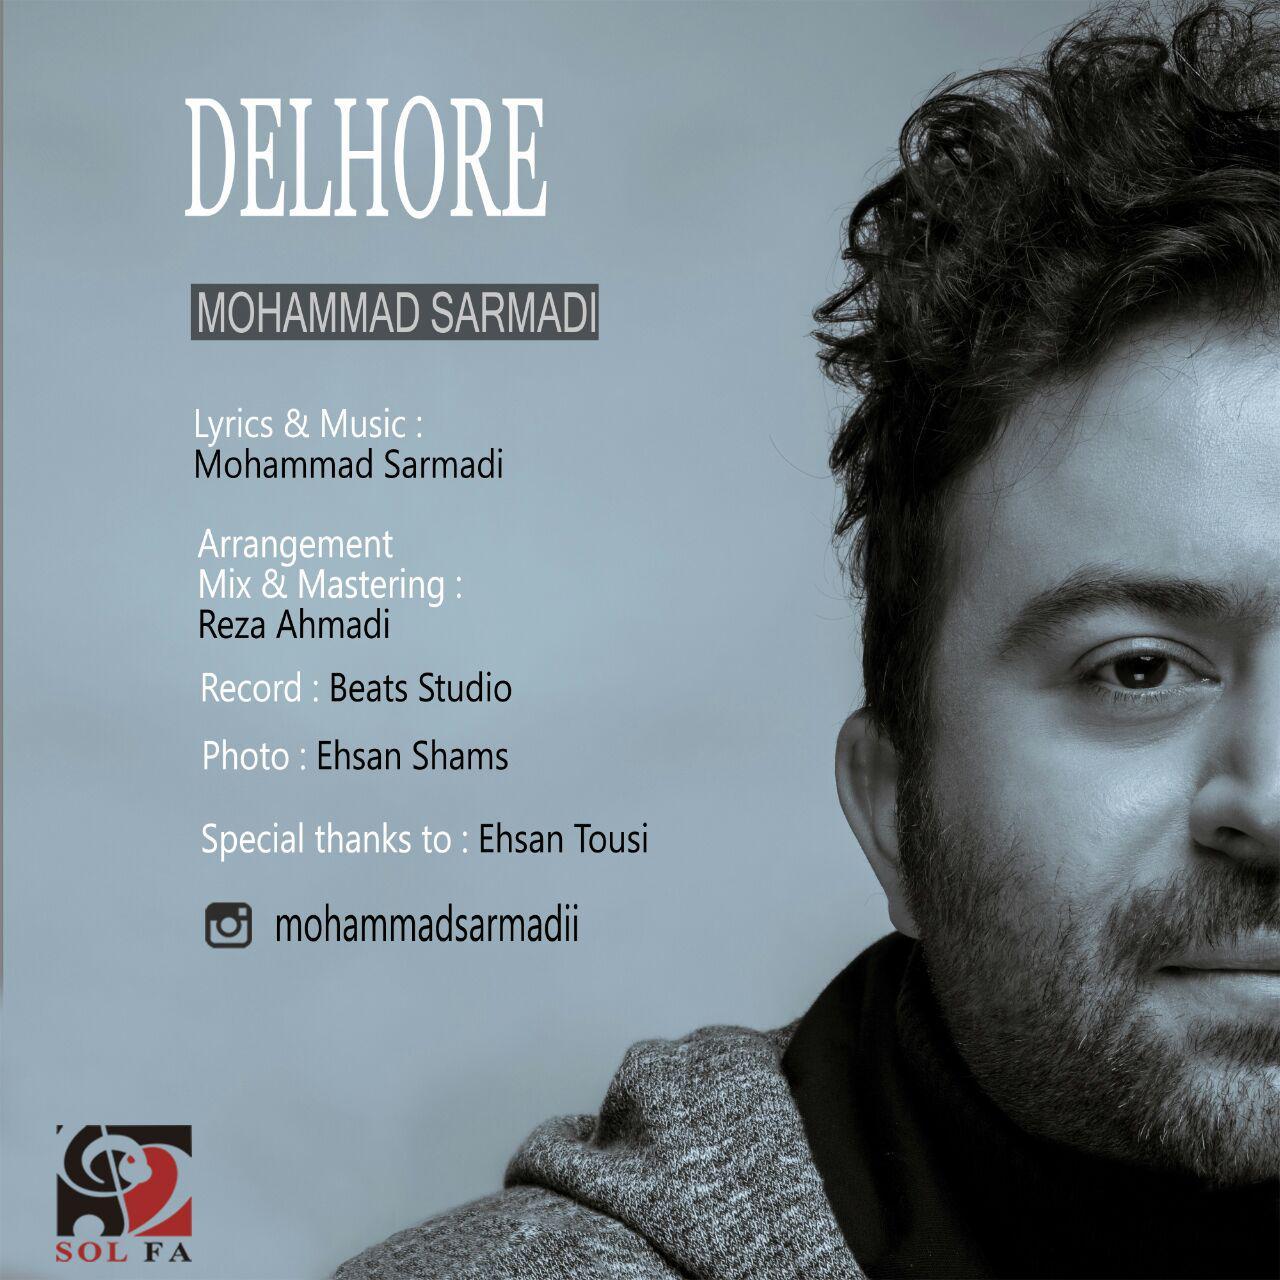 دانلود آهنگ جدید محمد سرمدی بنام دلهره